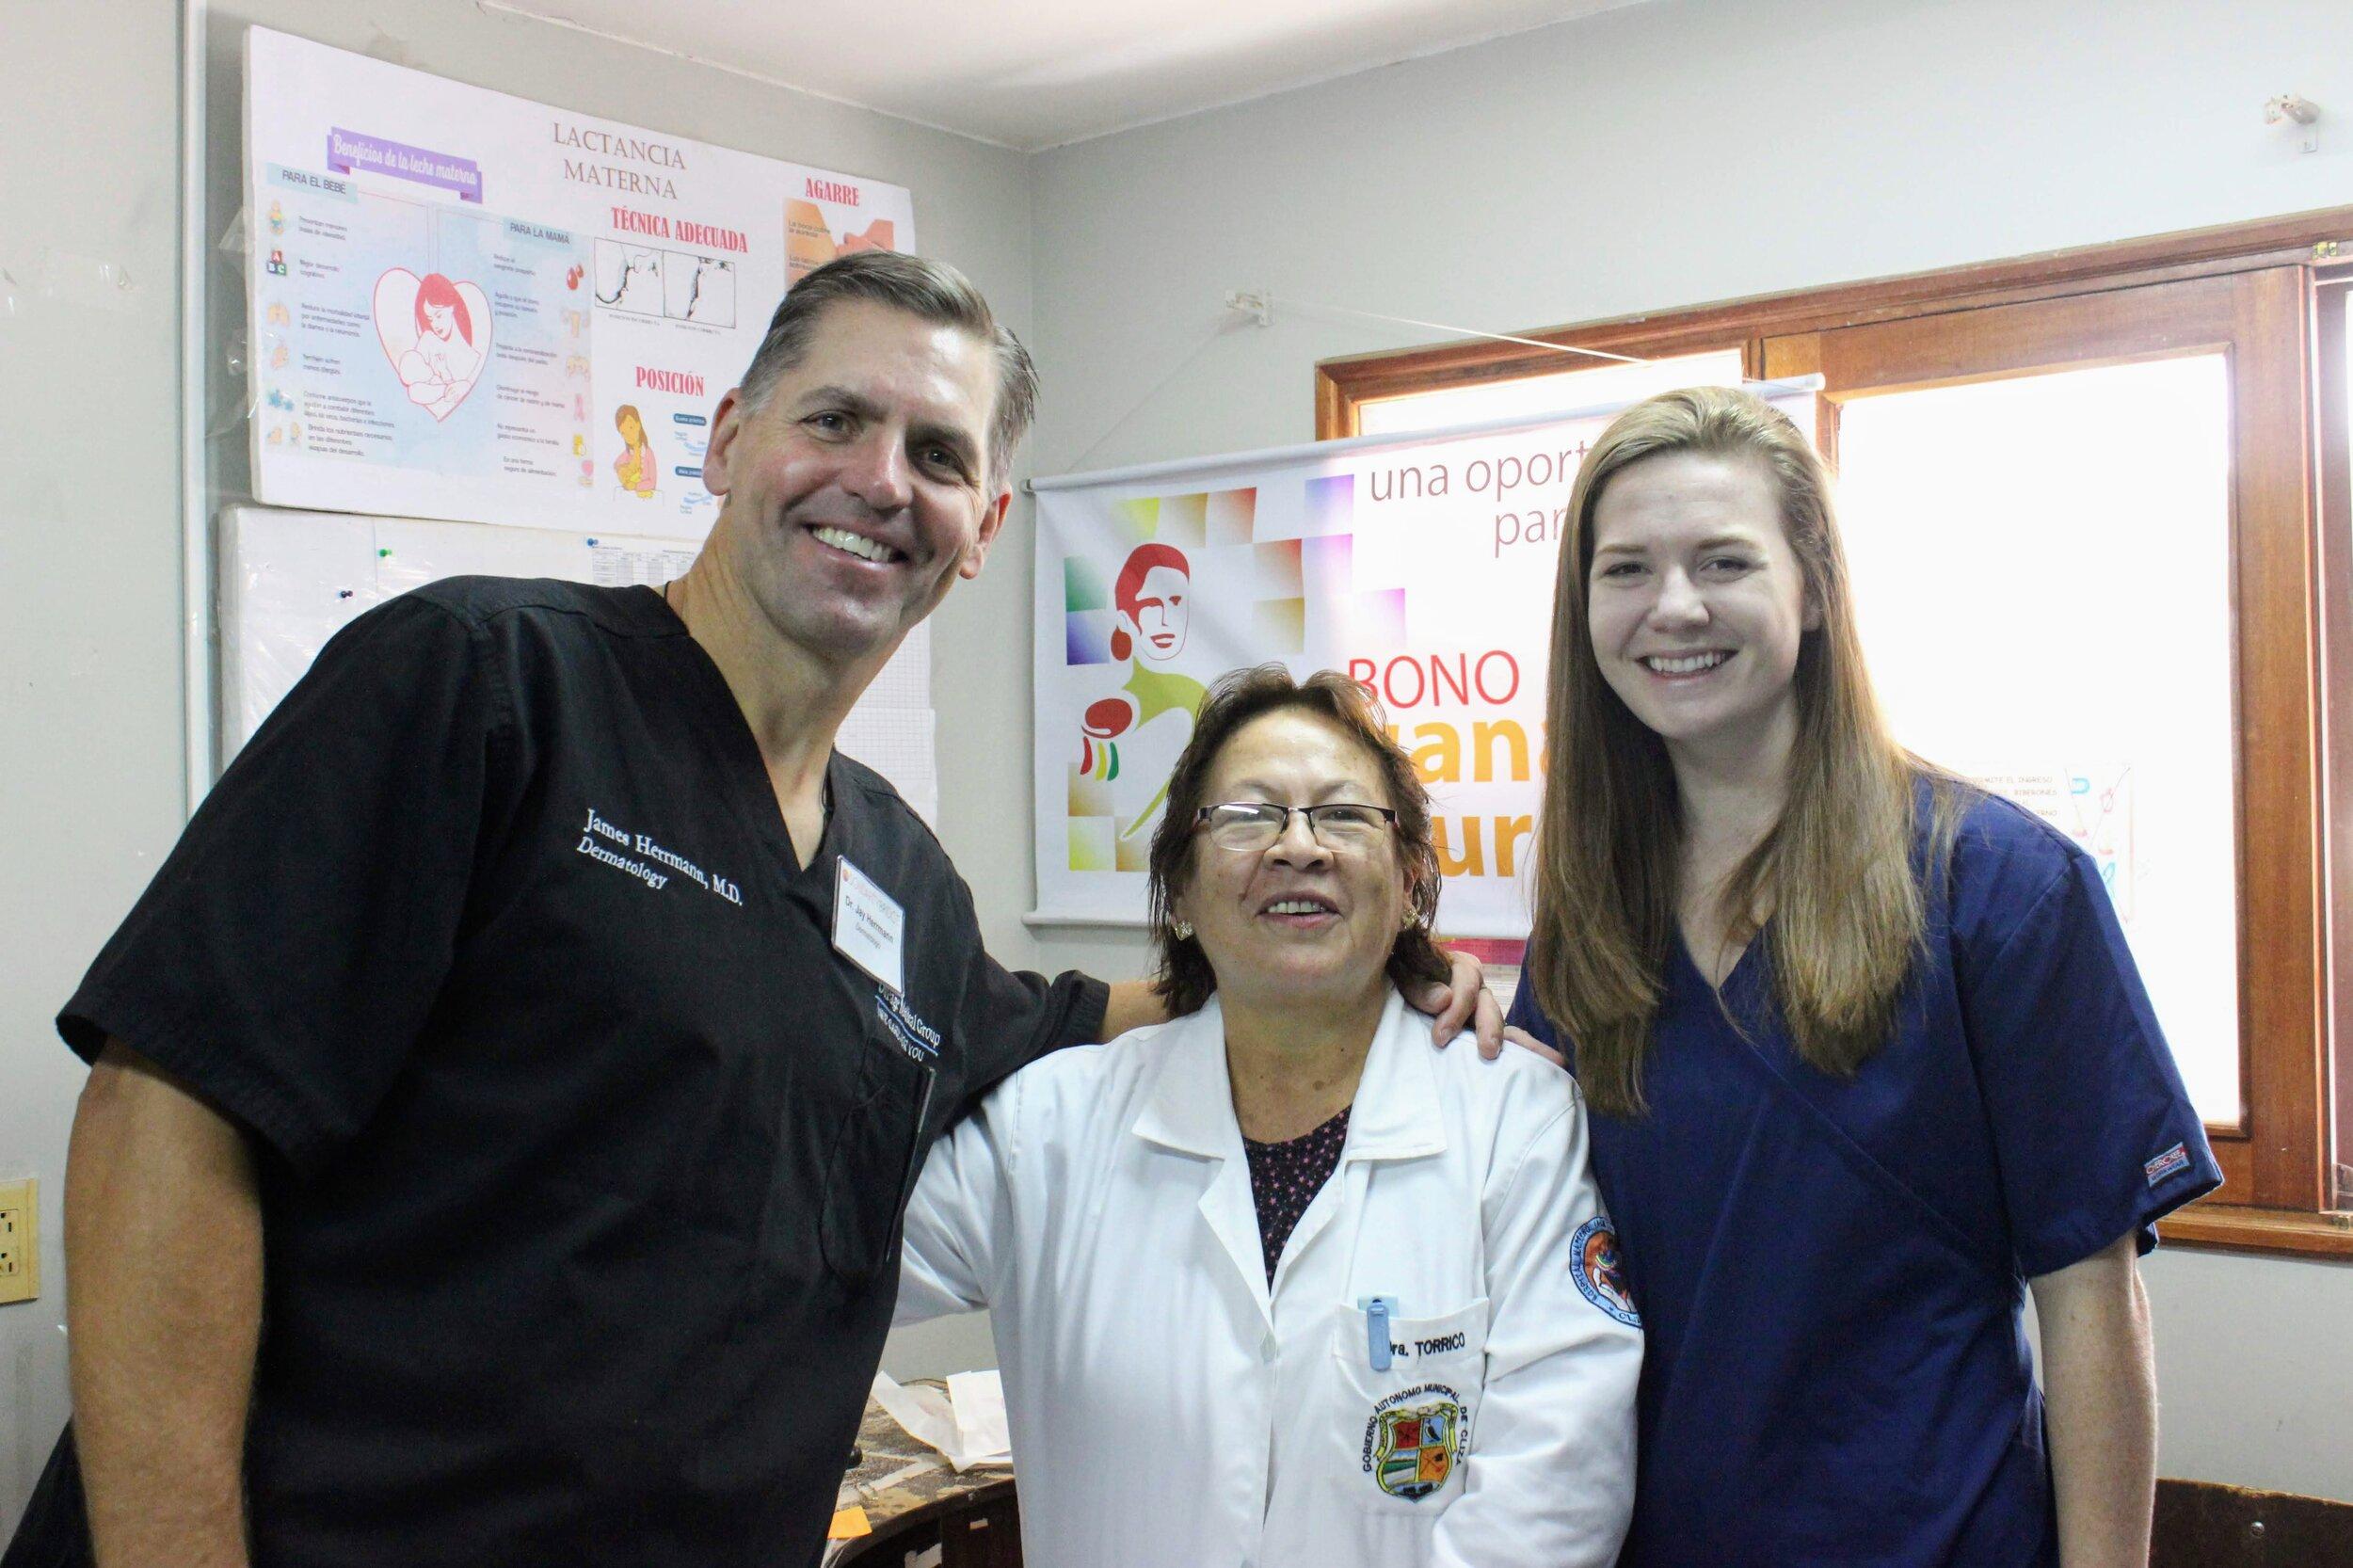 Dr. Herrmann, Dr. Torrico, and their interpreter, Carlin